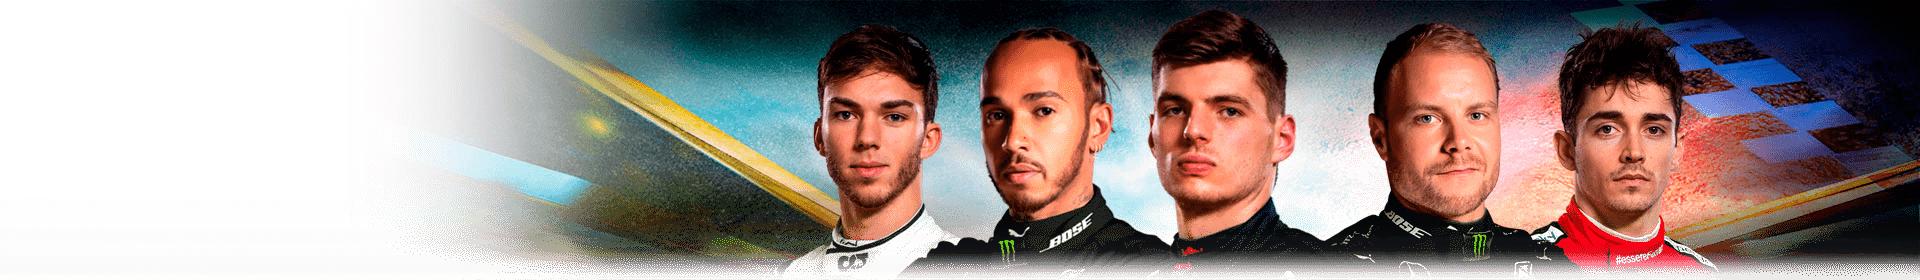 Formula 1 top banner 0